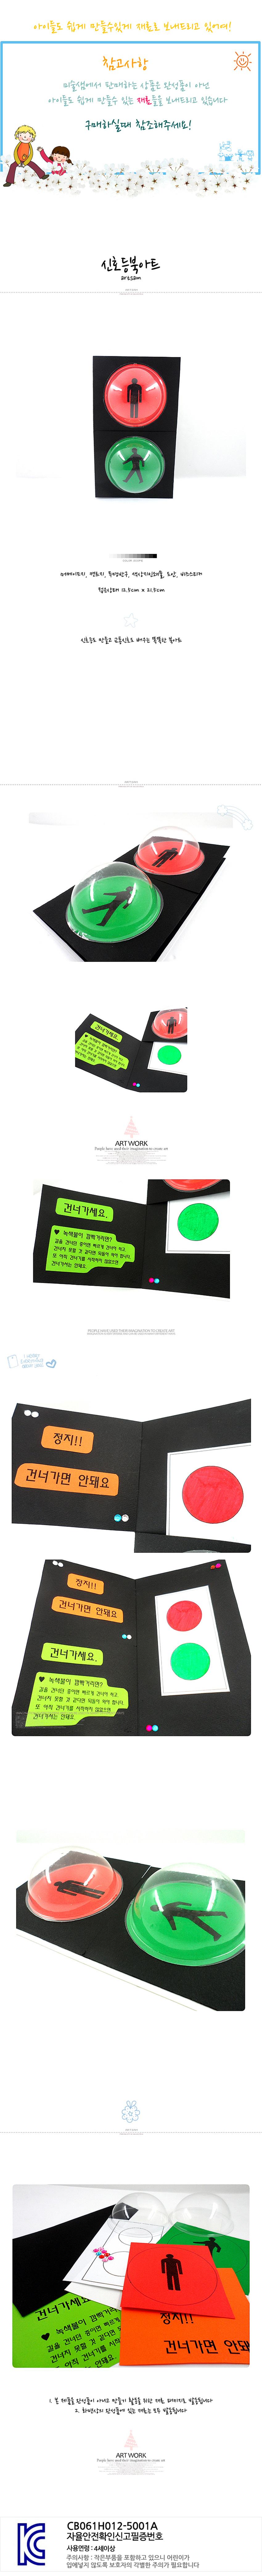 신호등북아트 5인용 - 미술샘, 9,000원, 종이공예/북아트, 북아트 패키지